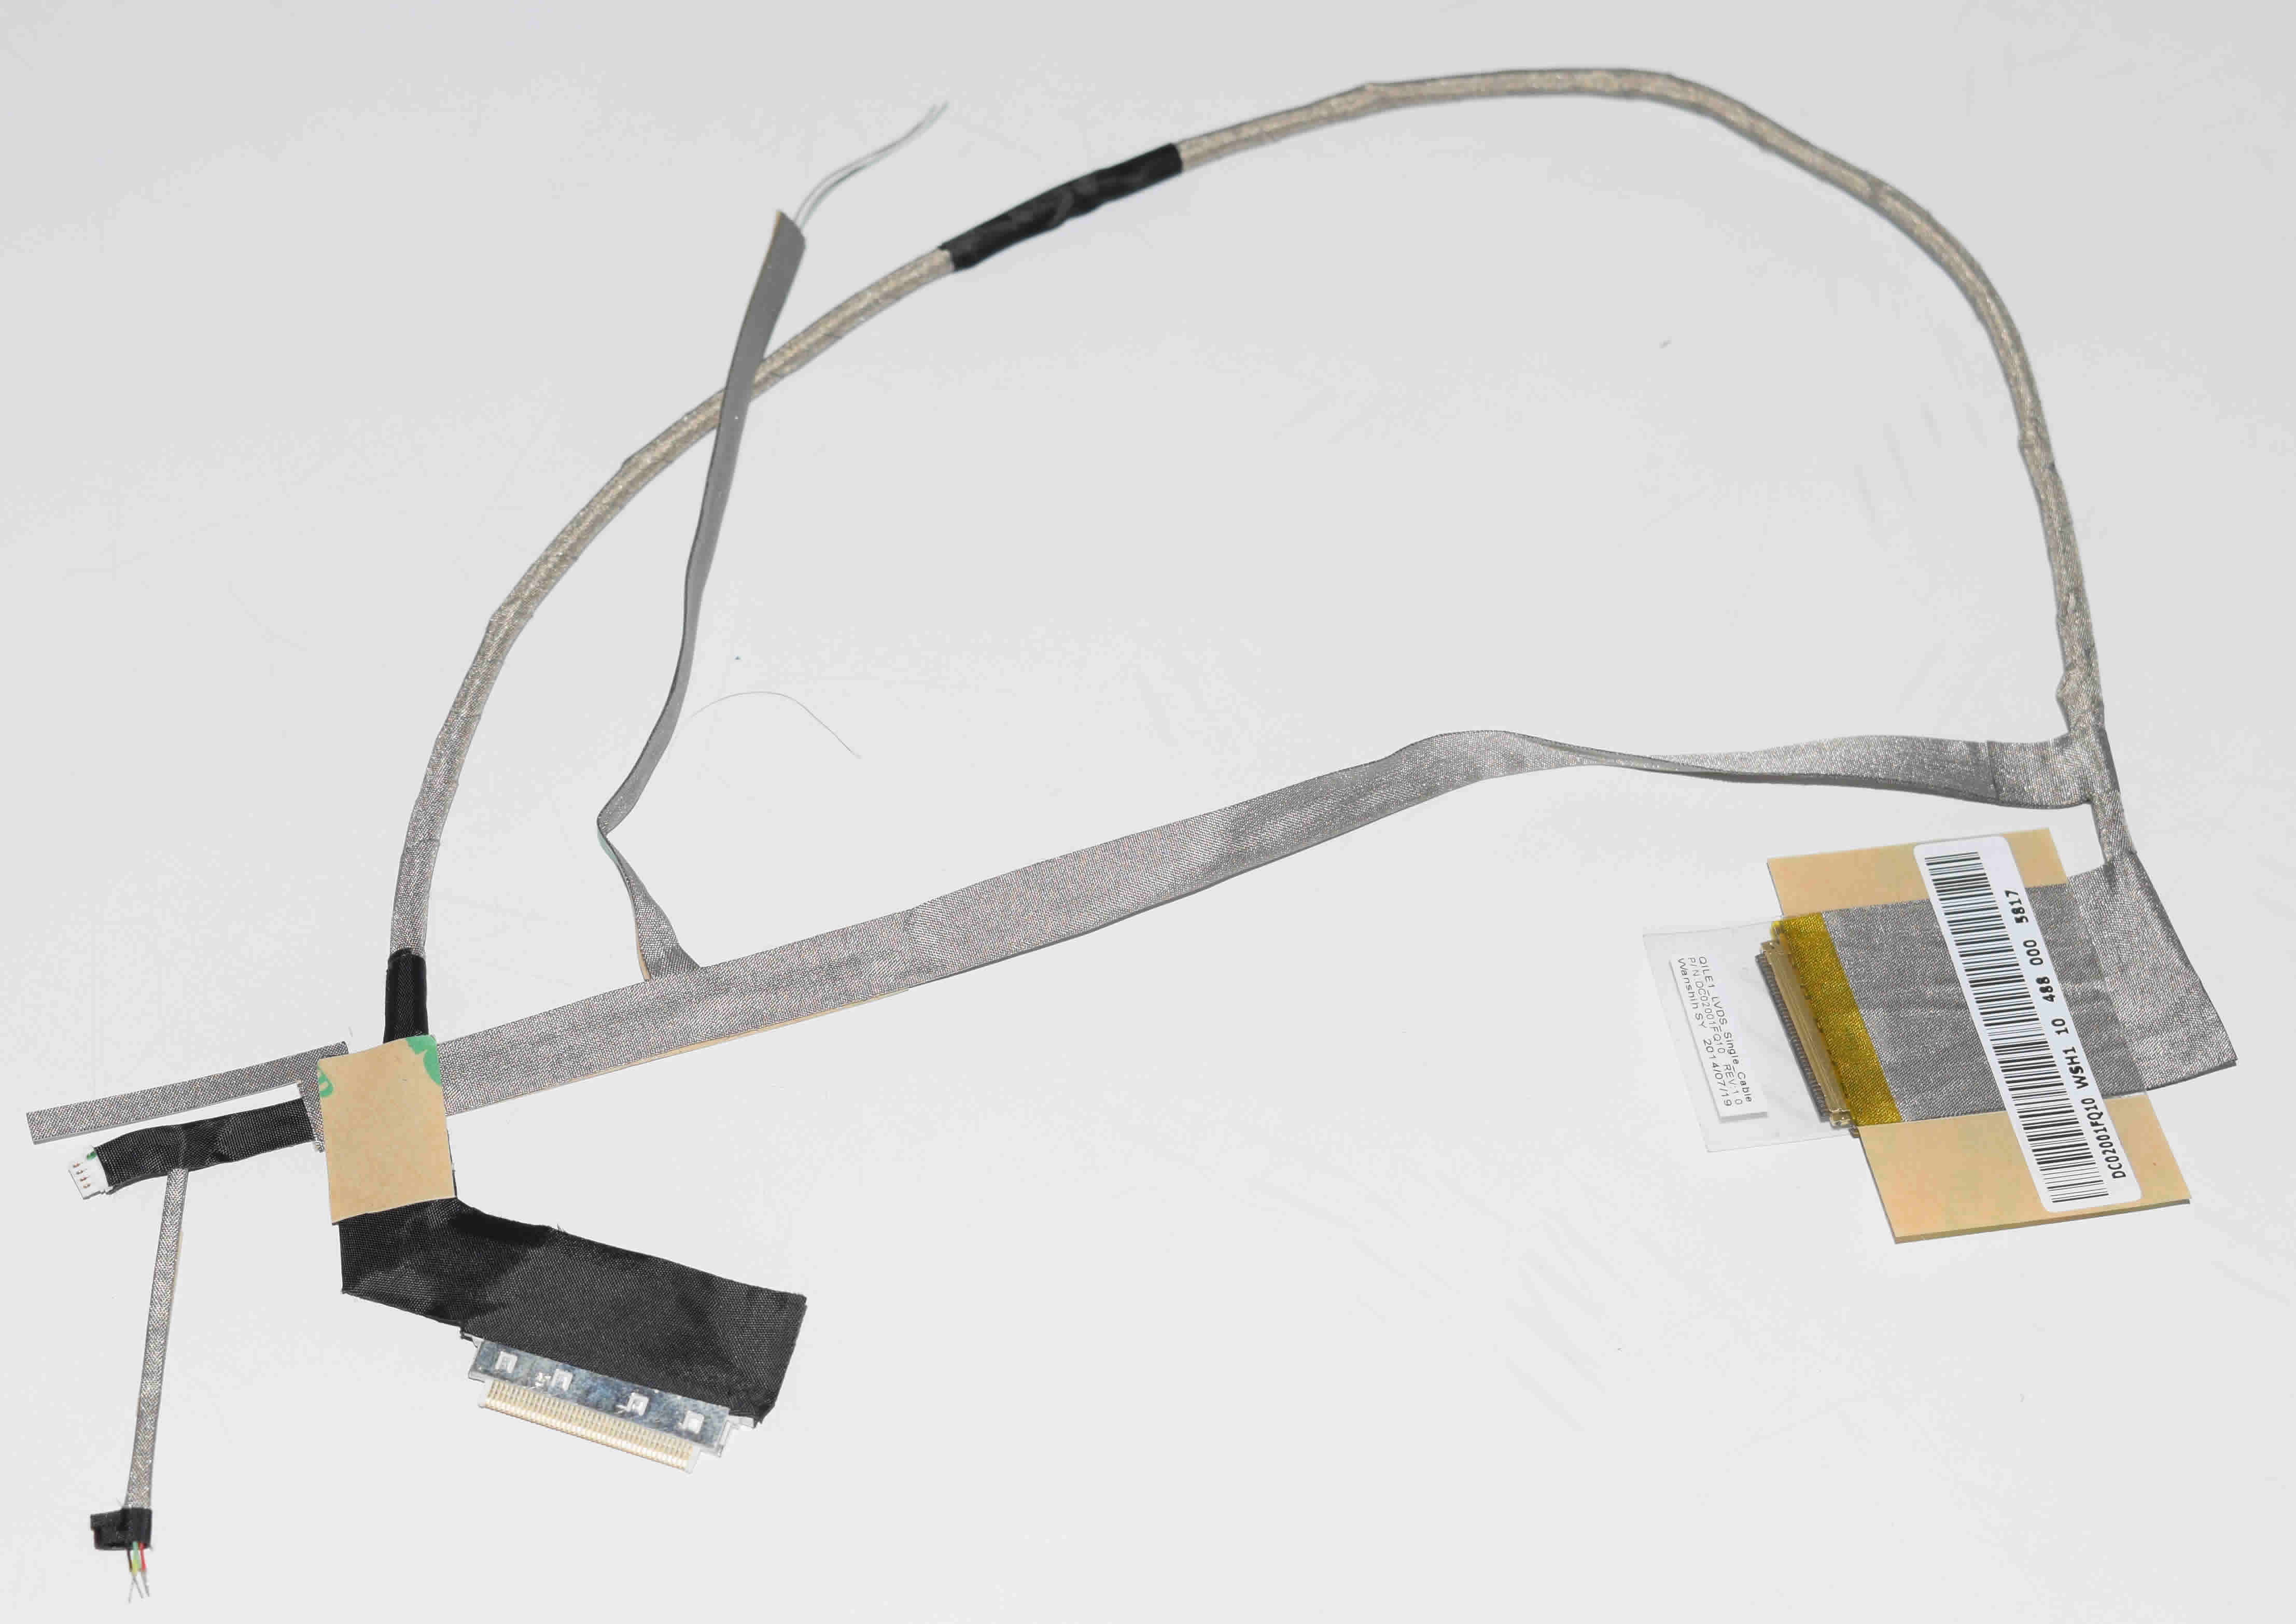 CABLE PANTALLA PORTATIL LCD  IBM EDGE E430 04W4166